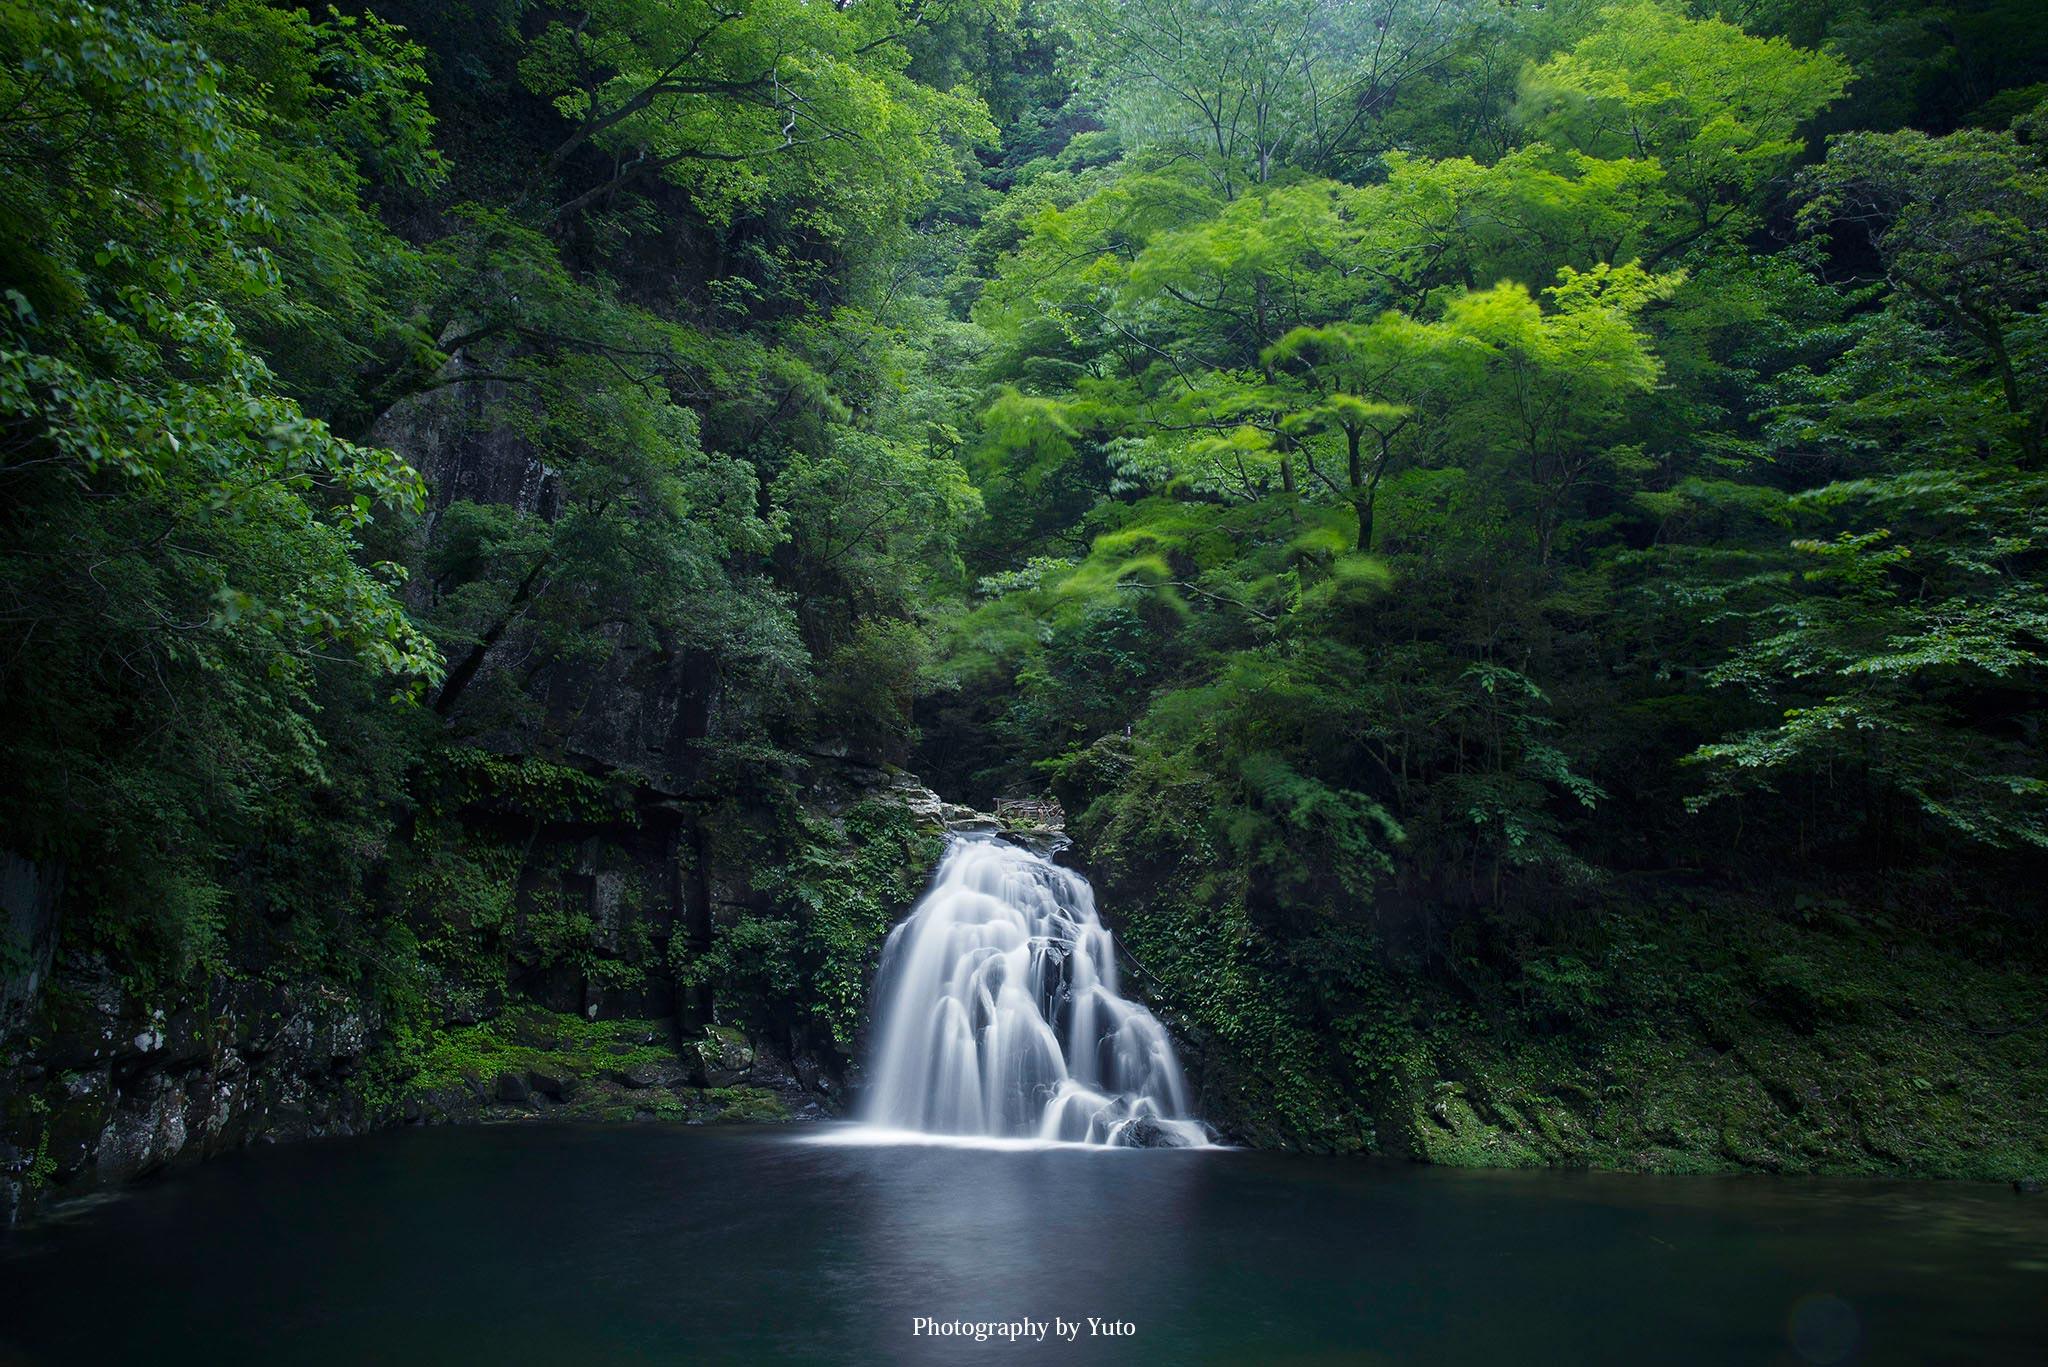 【夜景・滝や海をさらさらにする】簡単にできる長時間露光撮影のやり方・必要な道具・注意するポイント